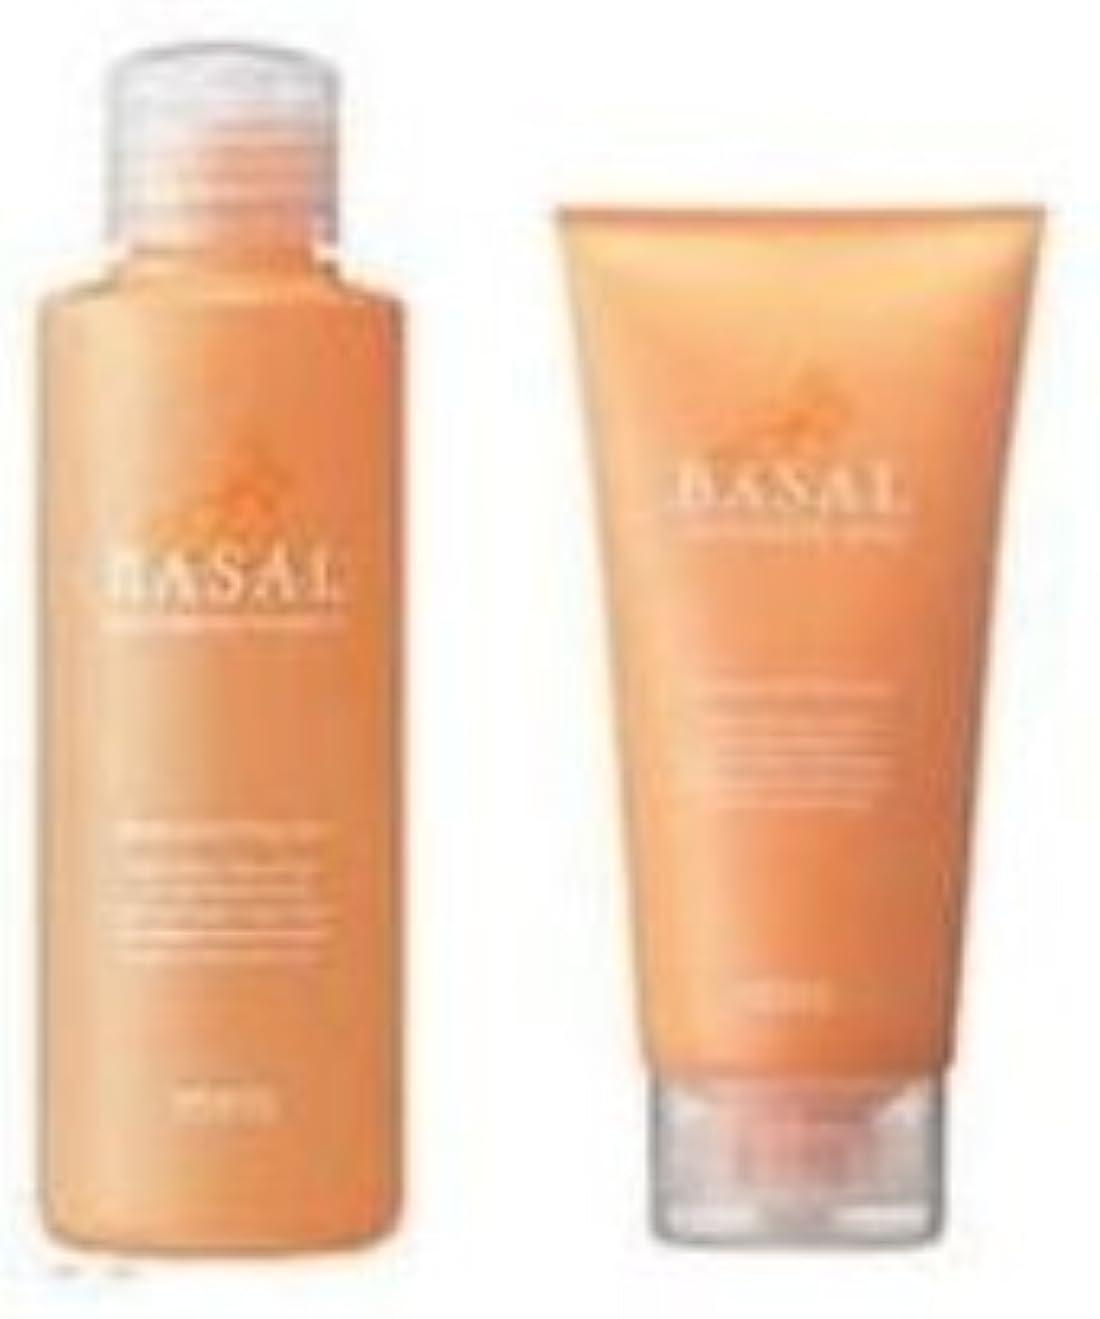 対達成可能非アクティブメロス BASAL メロス BASAL ナリシングシャンプー150ml + ナリシングパック140gセット